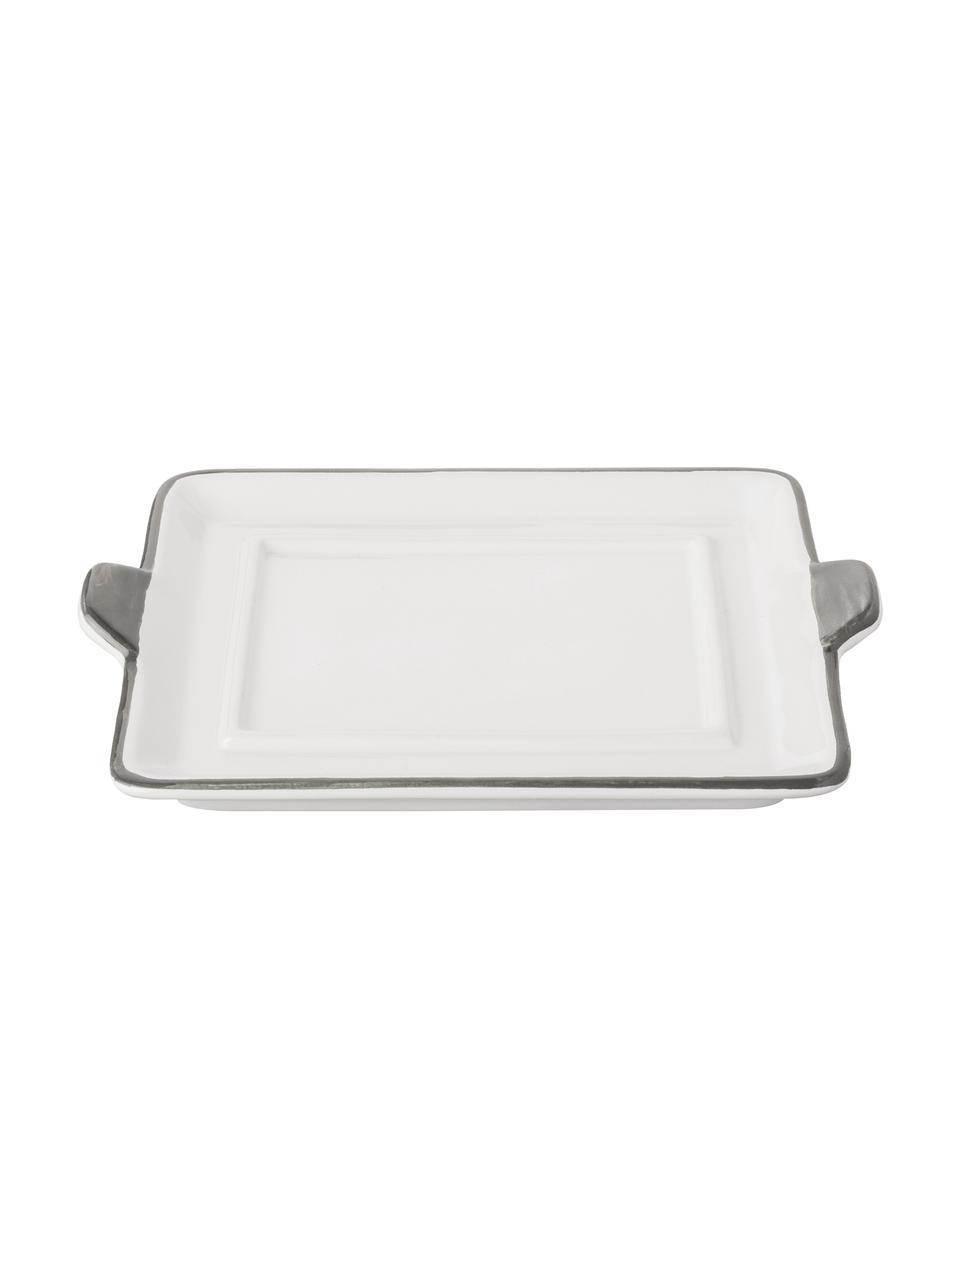 Handbemalte Butterdose Grauer Hirsch, Keramik, Grau,Weiß, 9 x 5 cm